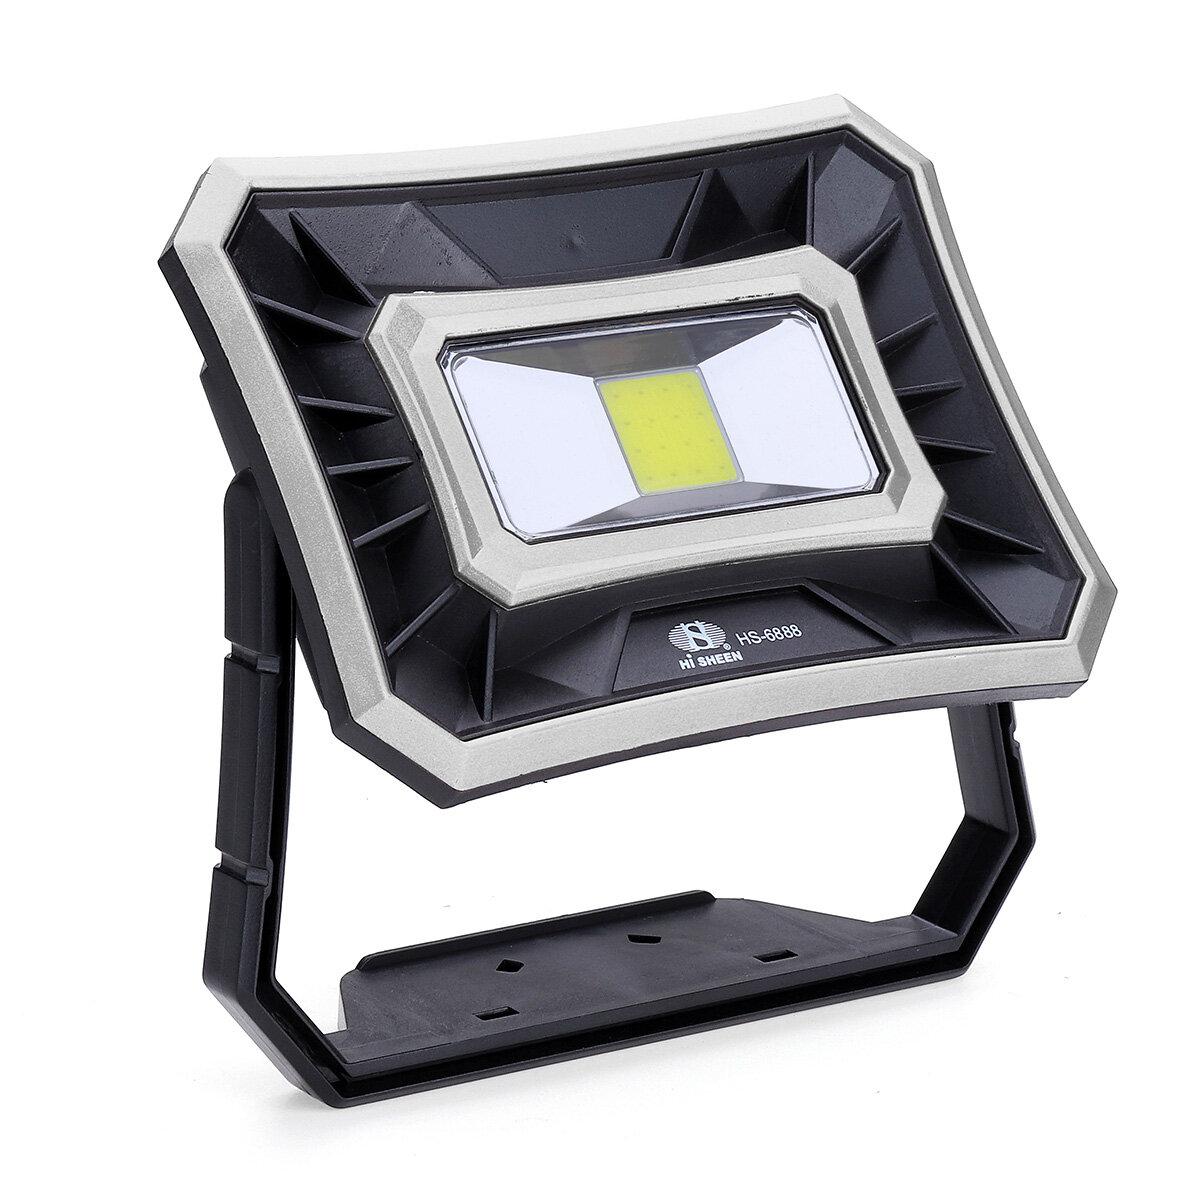 Zewnętrzna lampa z panelem solarnym Xmund XD-68 50W za $8.49 / ~33zł